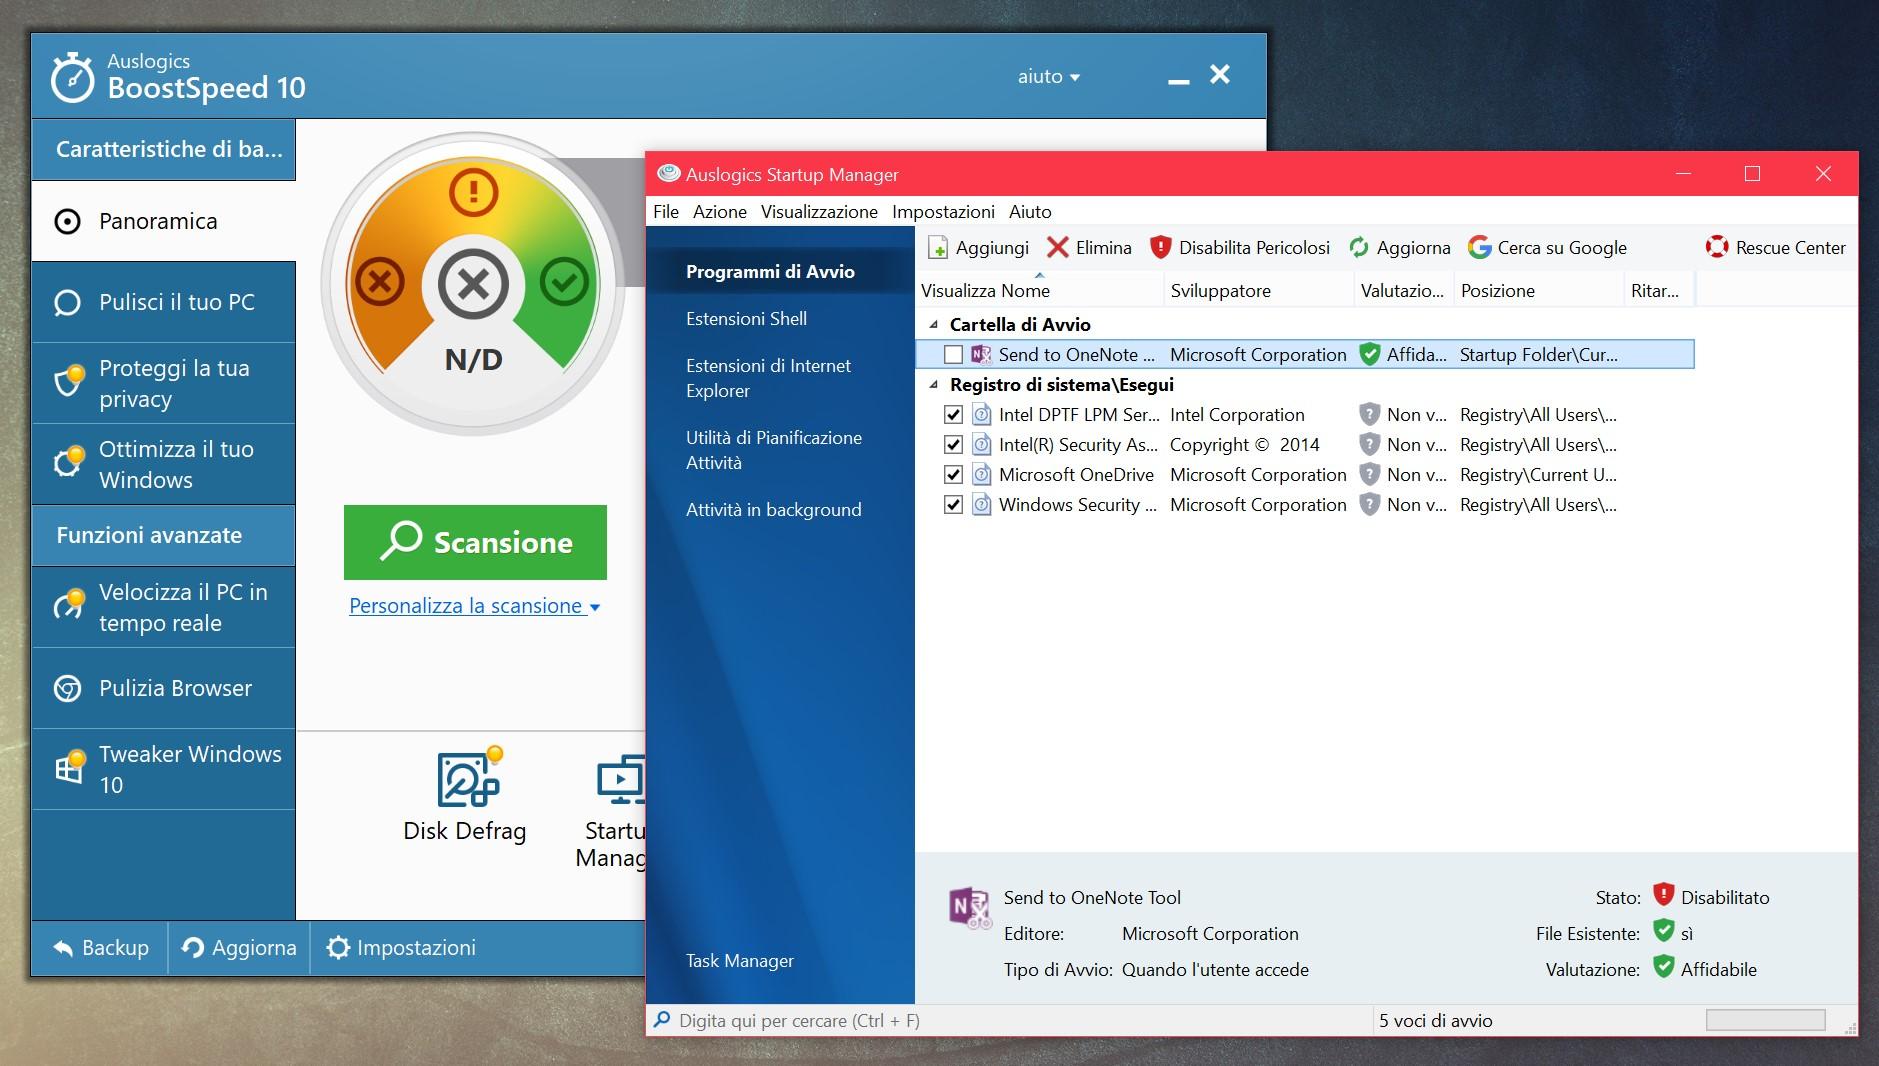 datazione background check app Mysore incontri